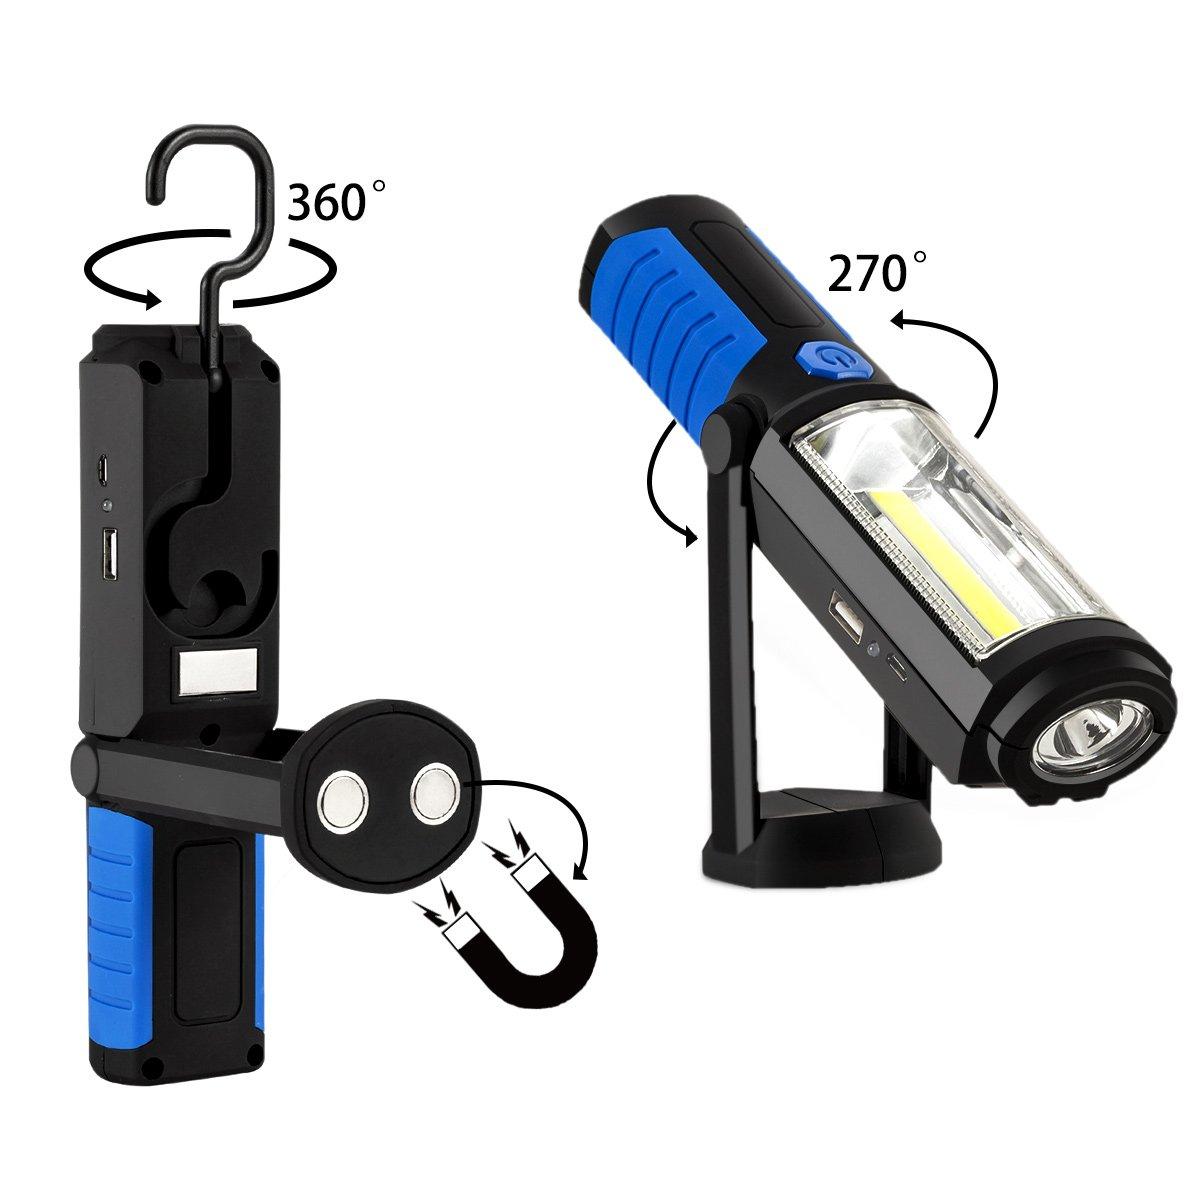 Witasm Linterna de Trabajo Recargable de COB LED Lámpara de Inspección Luz Portátil de Trabajo con Soporte Magnético Batería de Litio Cable USB y Gancho ...